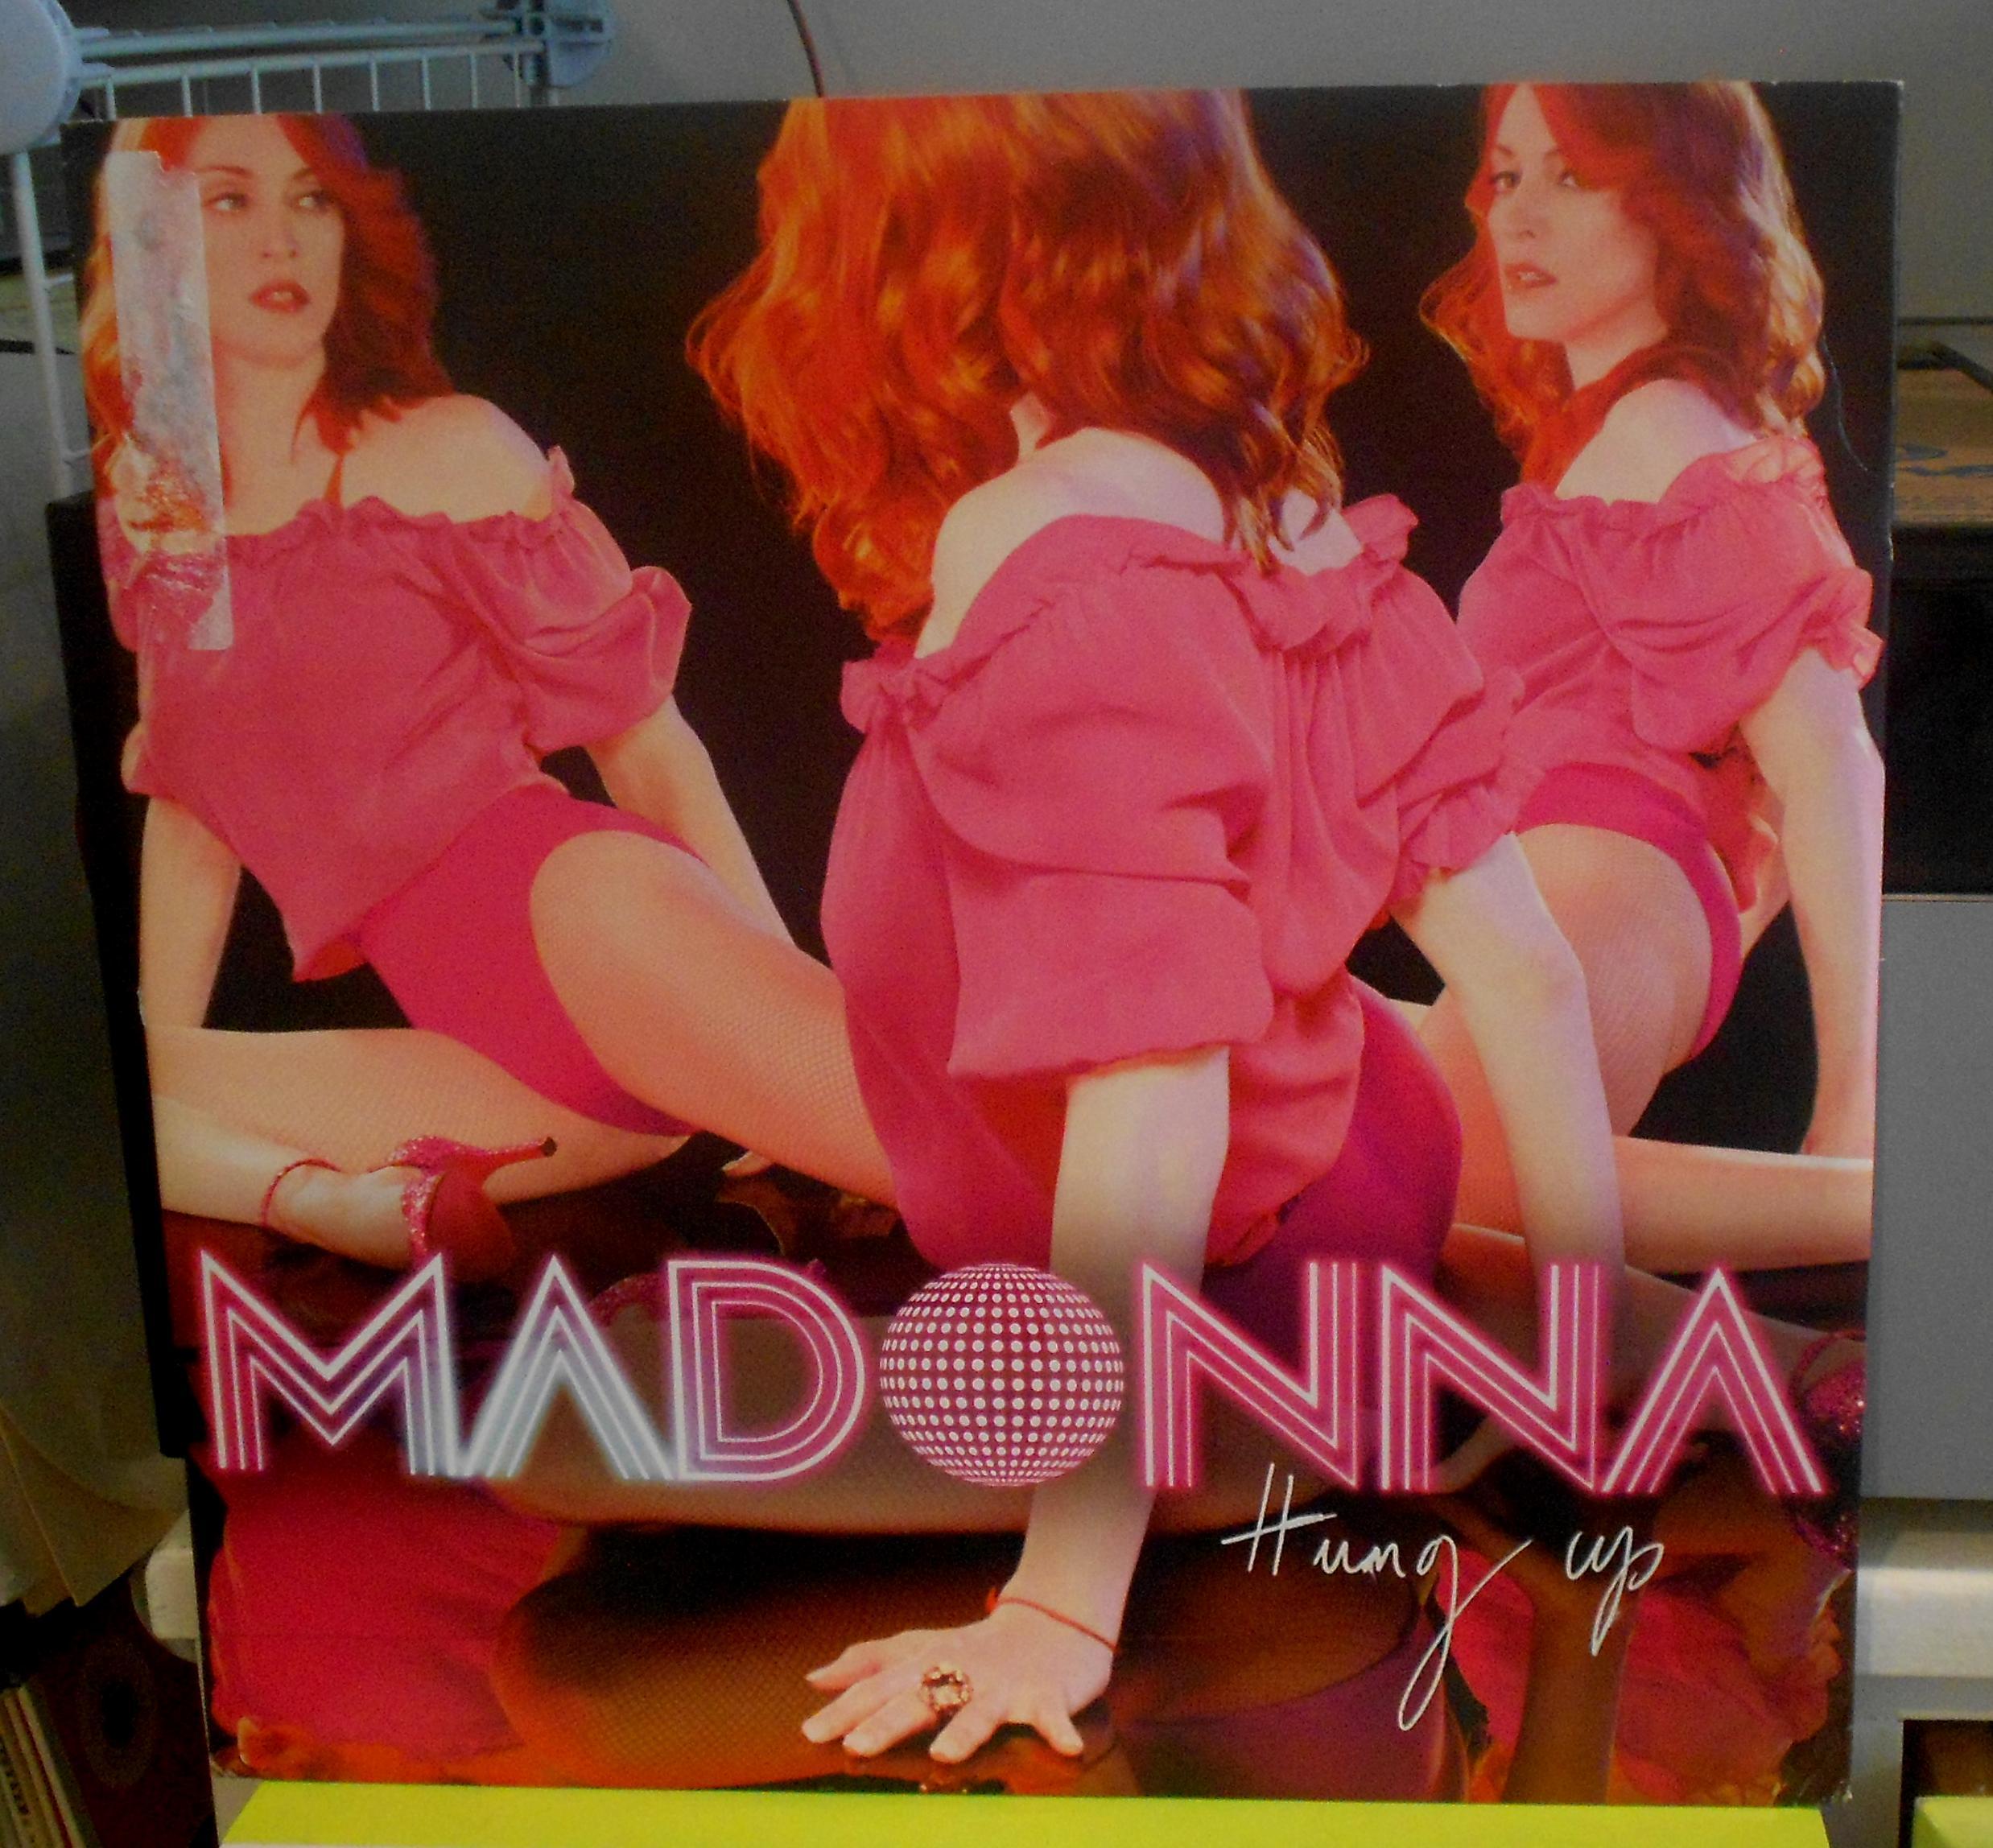 """MADONNA - Hung Up 12"""""""